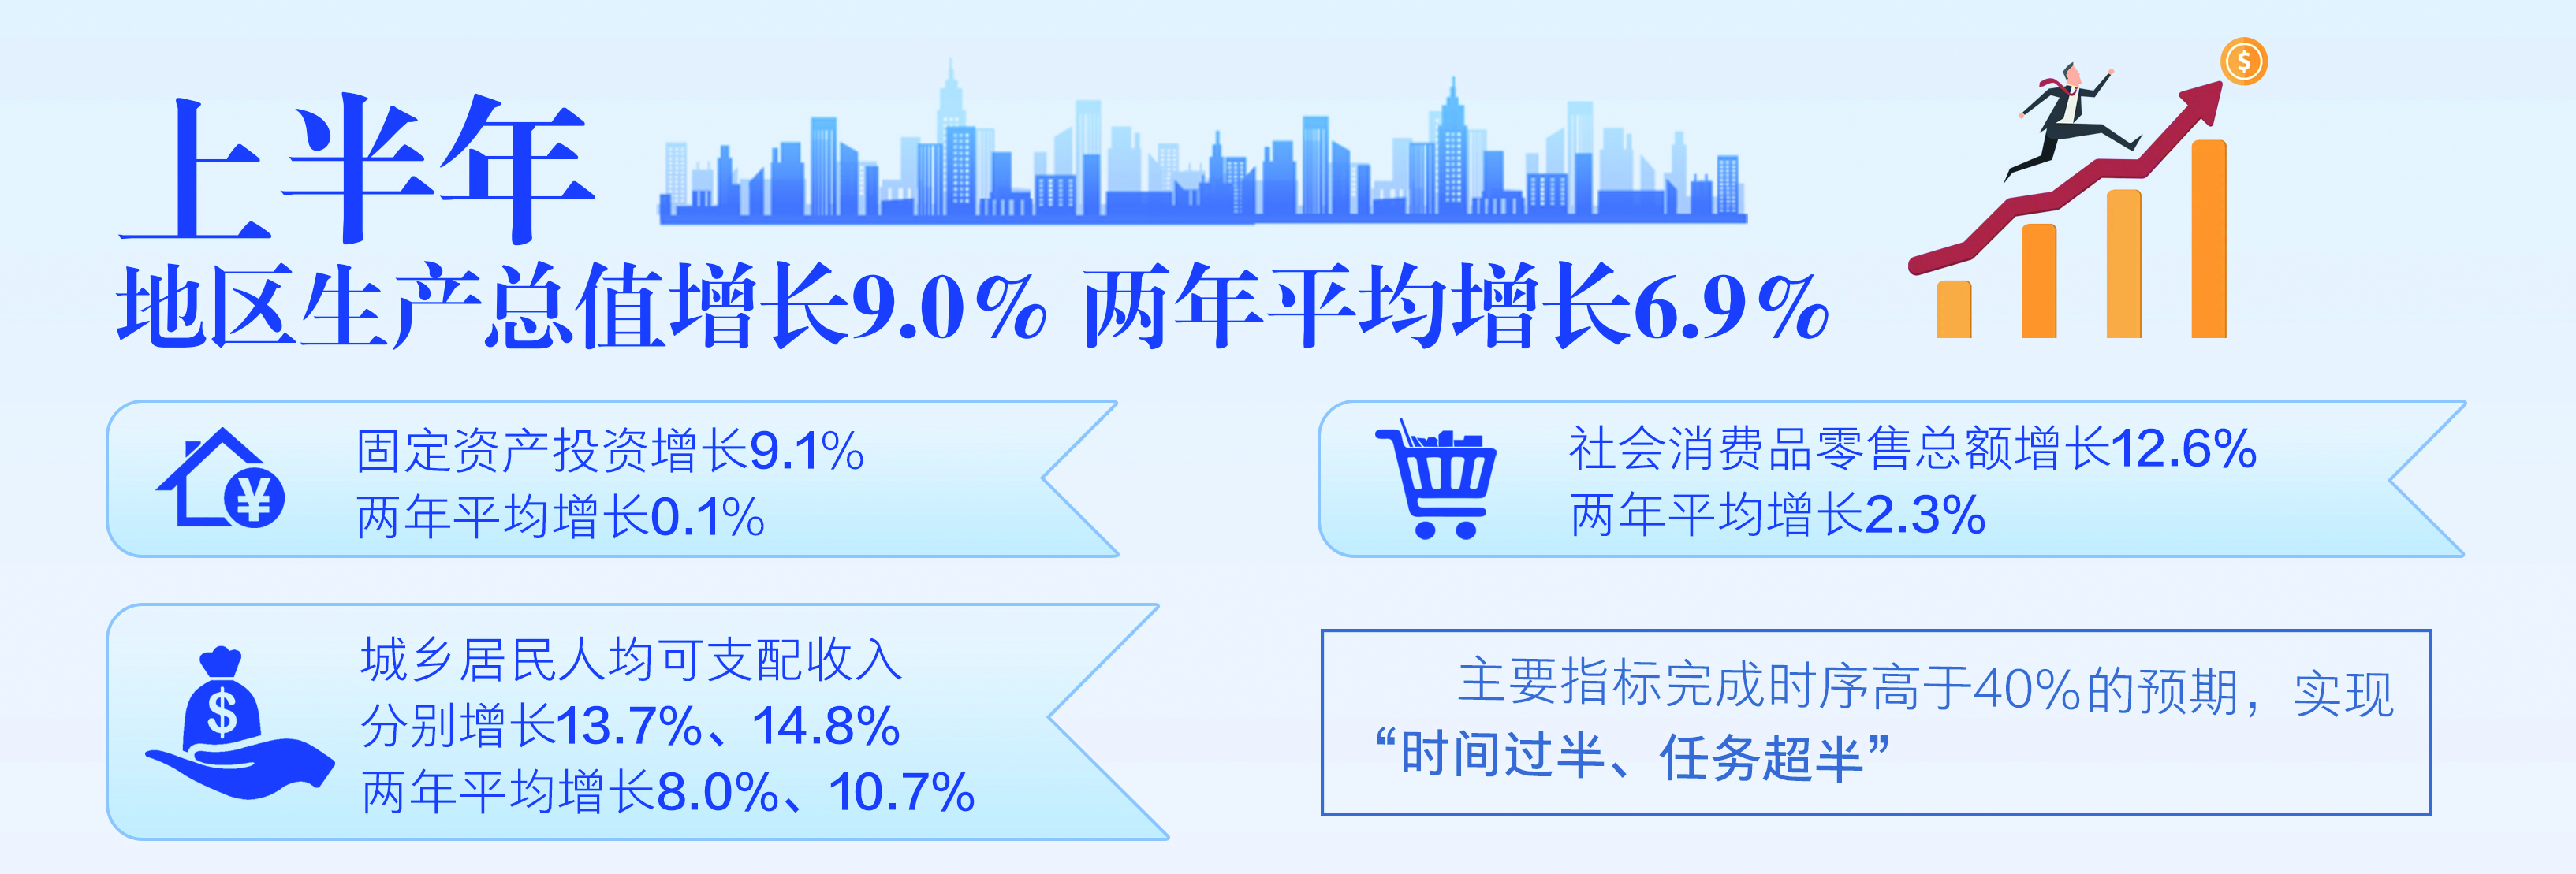 上半年地区生产总值cmyk(1827194)-20210823185520.jpg